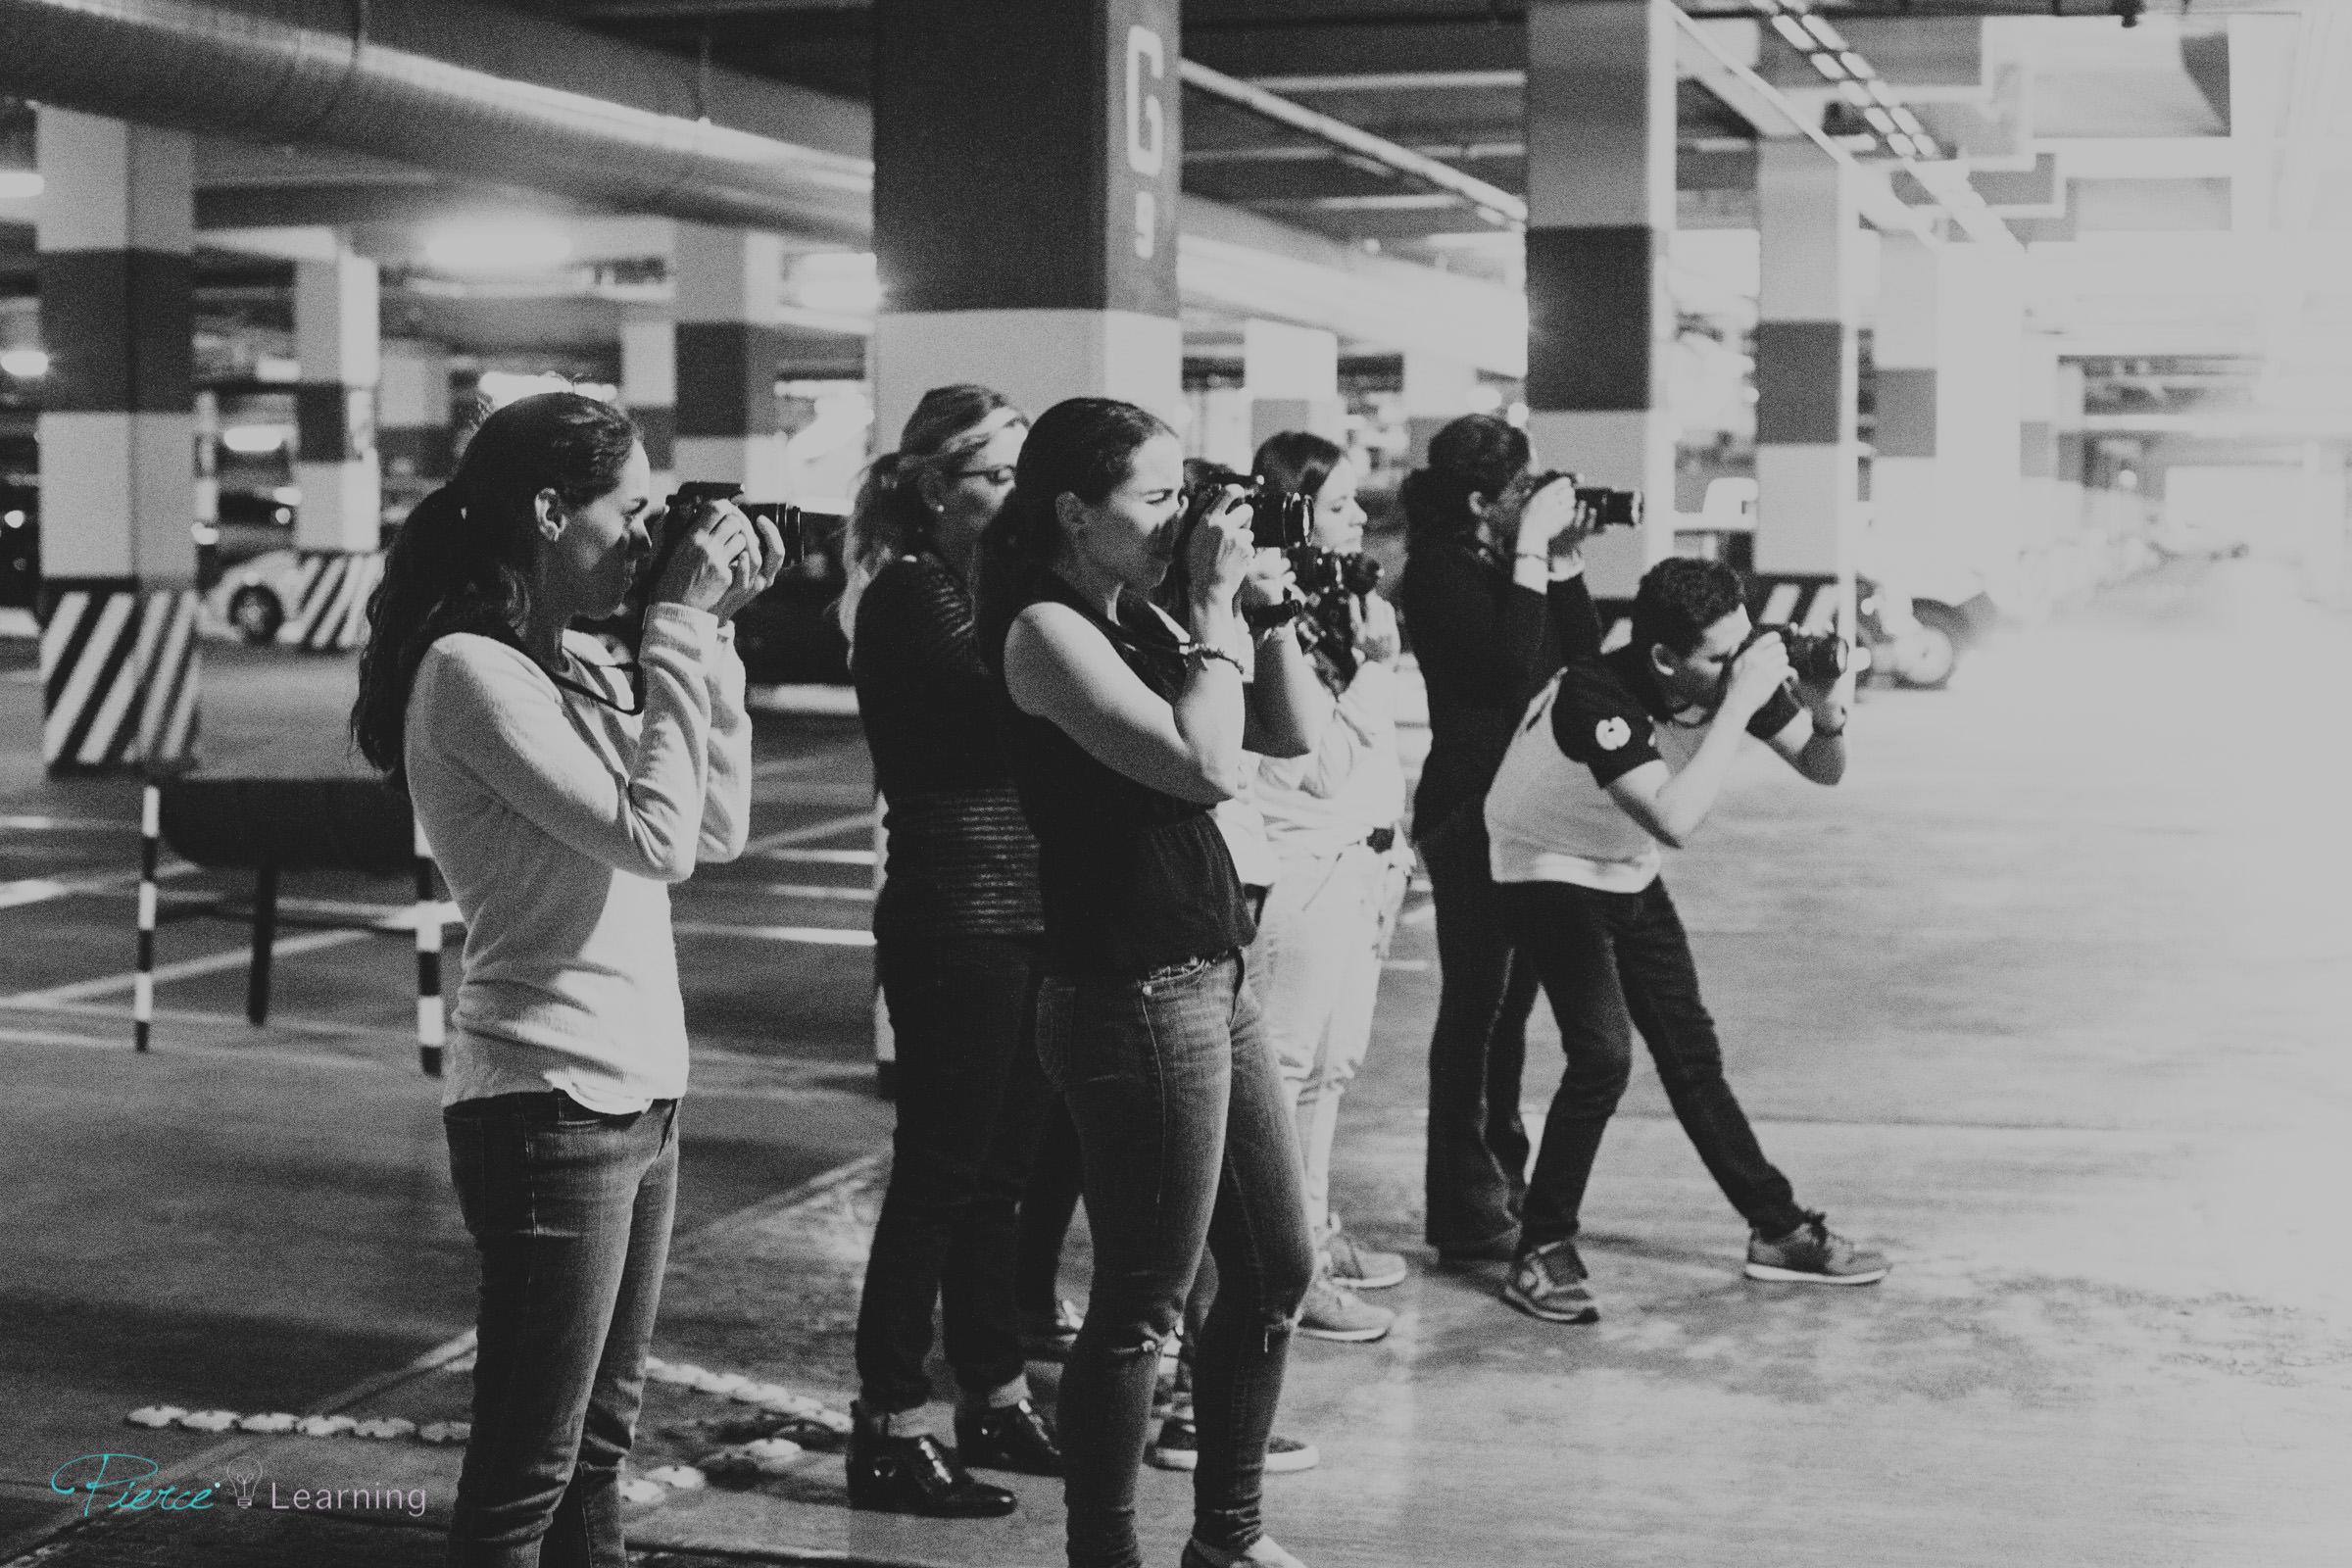 Workshop-Curso-Fotografia-Leon-Guanajuato-Mexico-Pierce-49.jpg